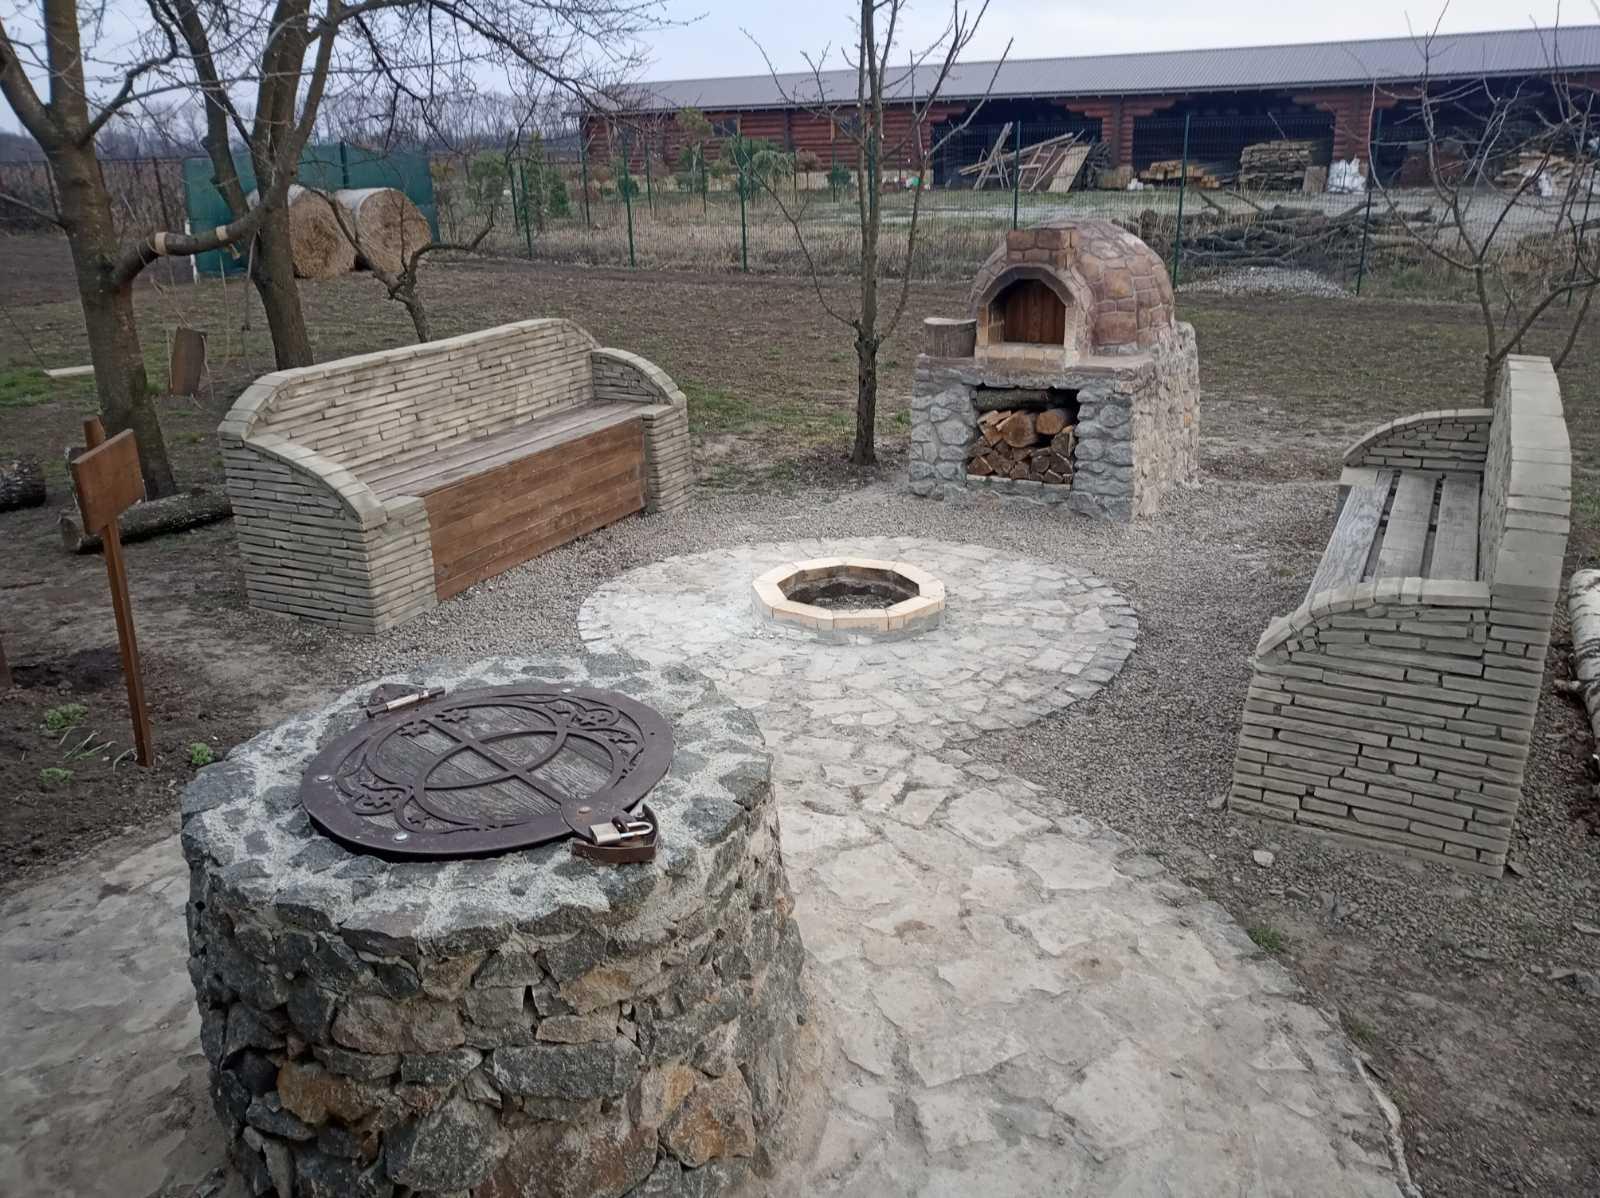 Фото Помпейская печь, очаг, колодец, скамейки из природного камня